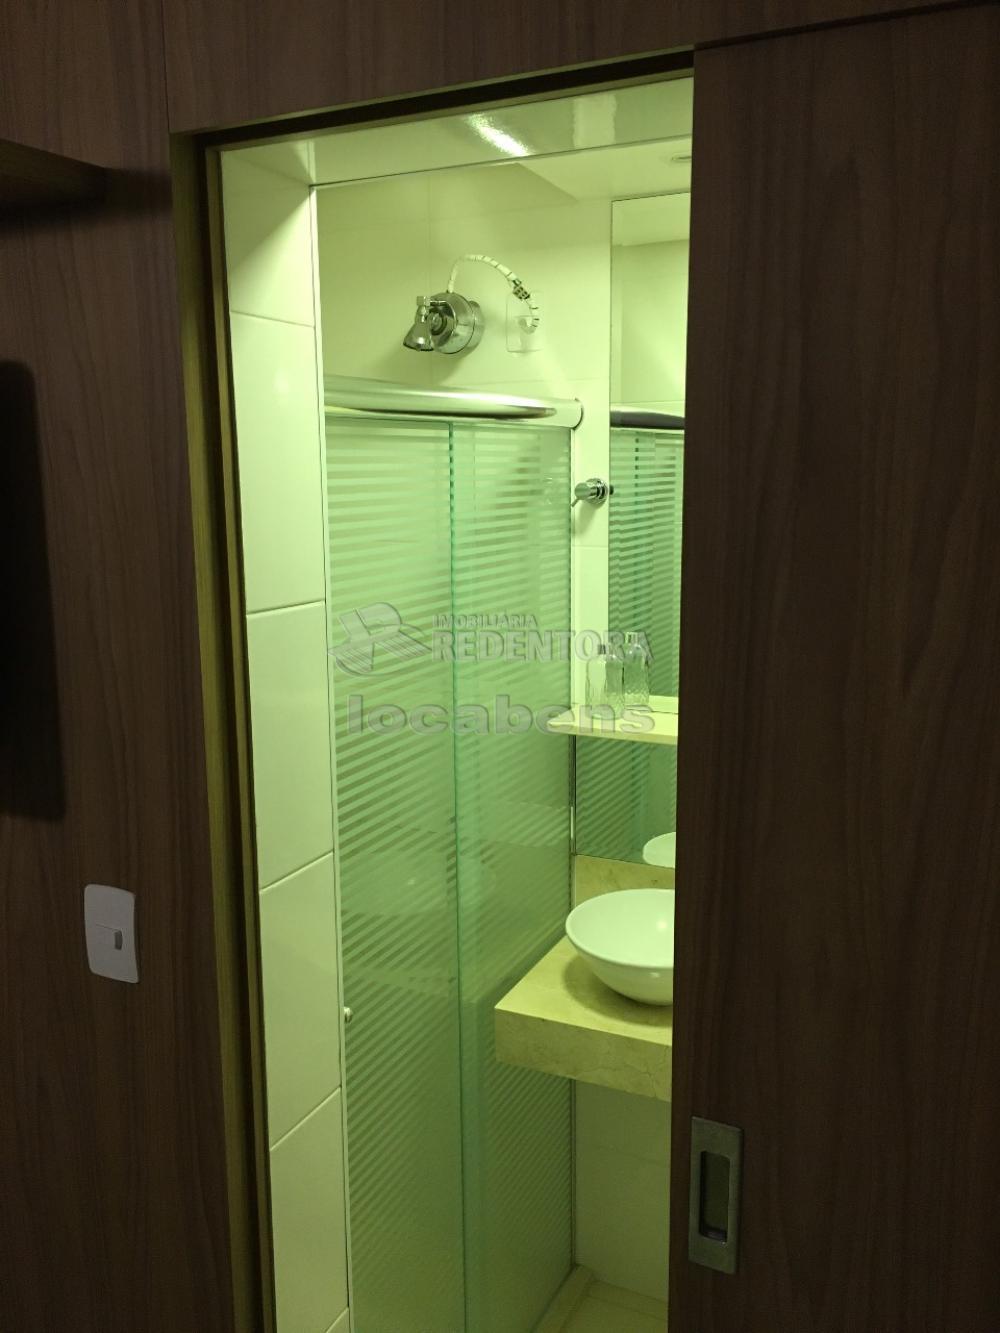 Comprar Apartamento / Padrão em São José do Rio Preto R$ 218.000,00 - Foto 24